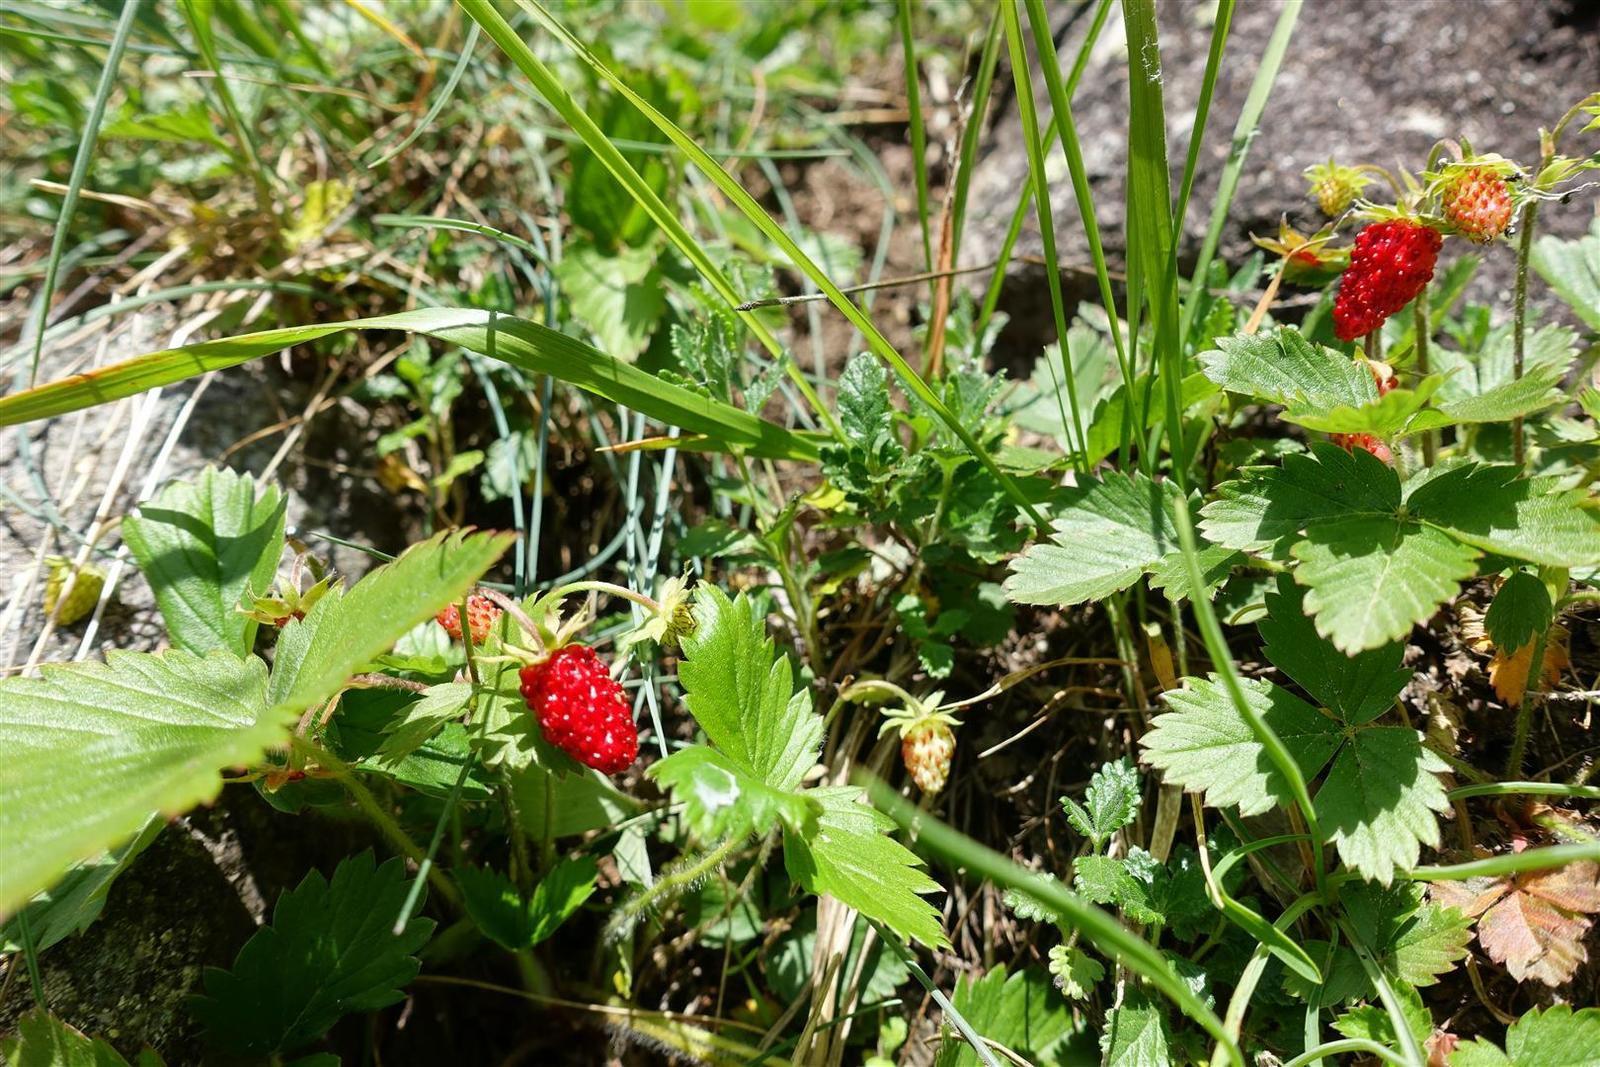 la flore au départ : du rouge, comestible ou non